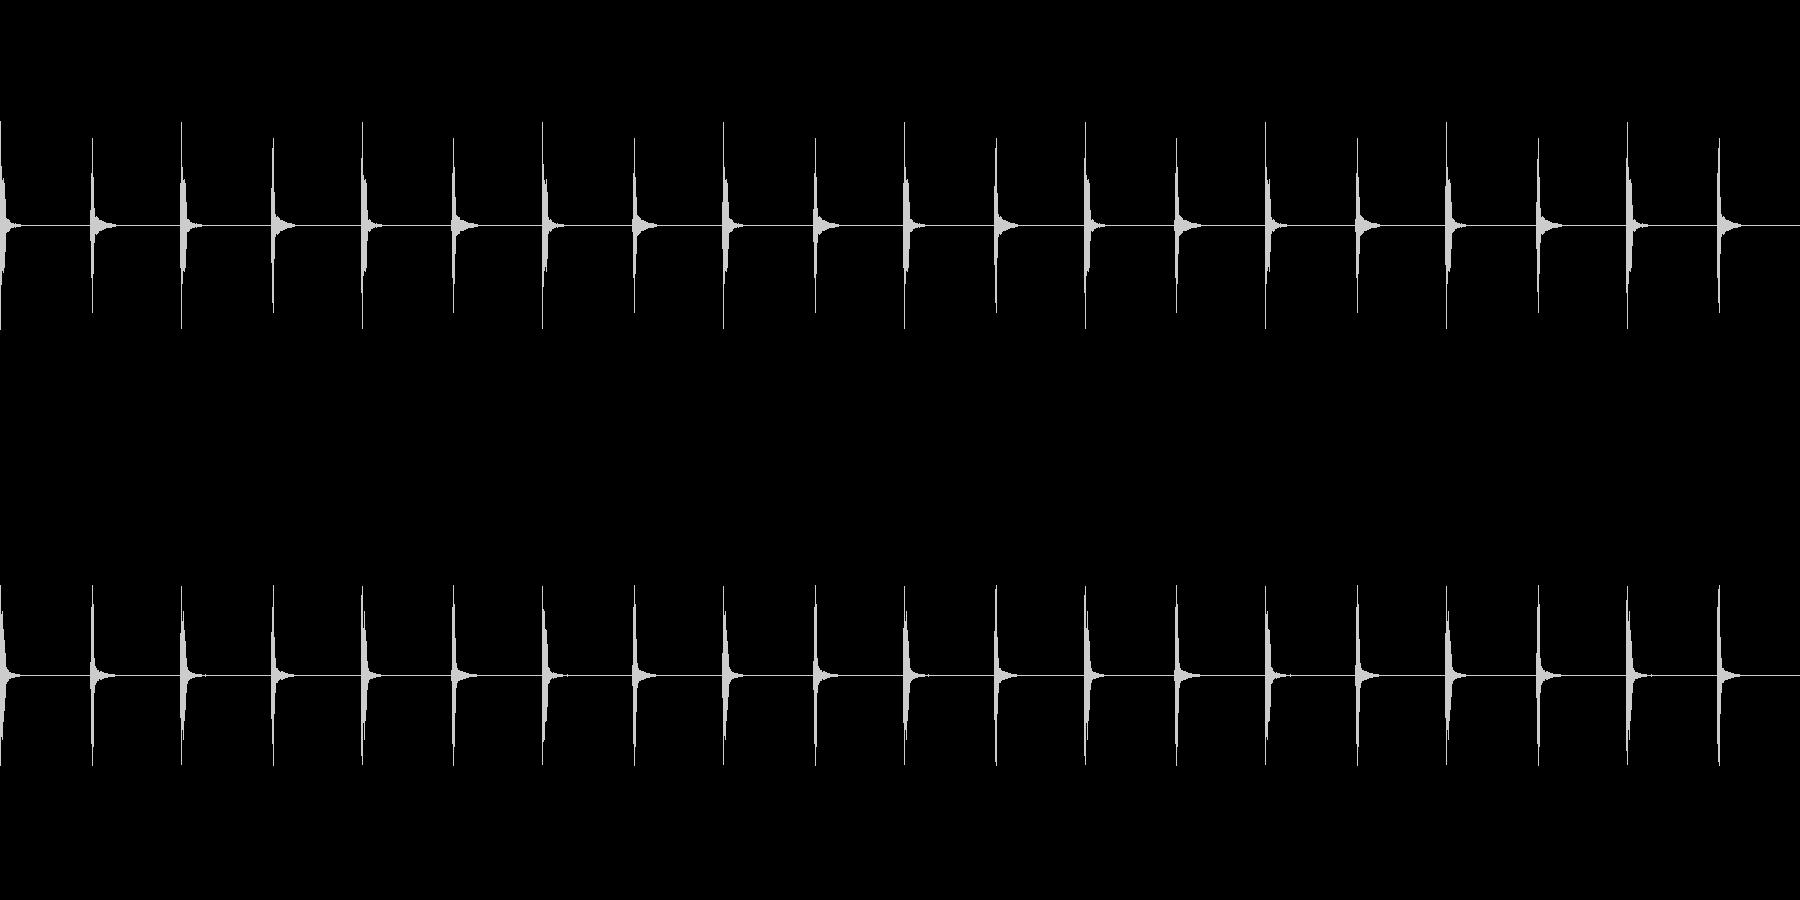 チャッチャッ:アナログのストップウォッチの未再生の波形